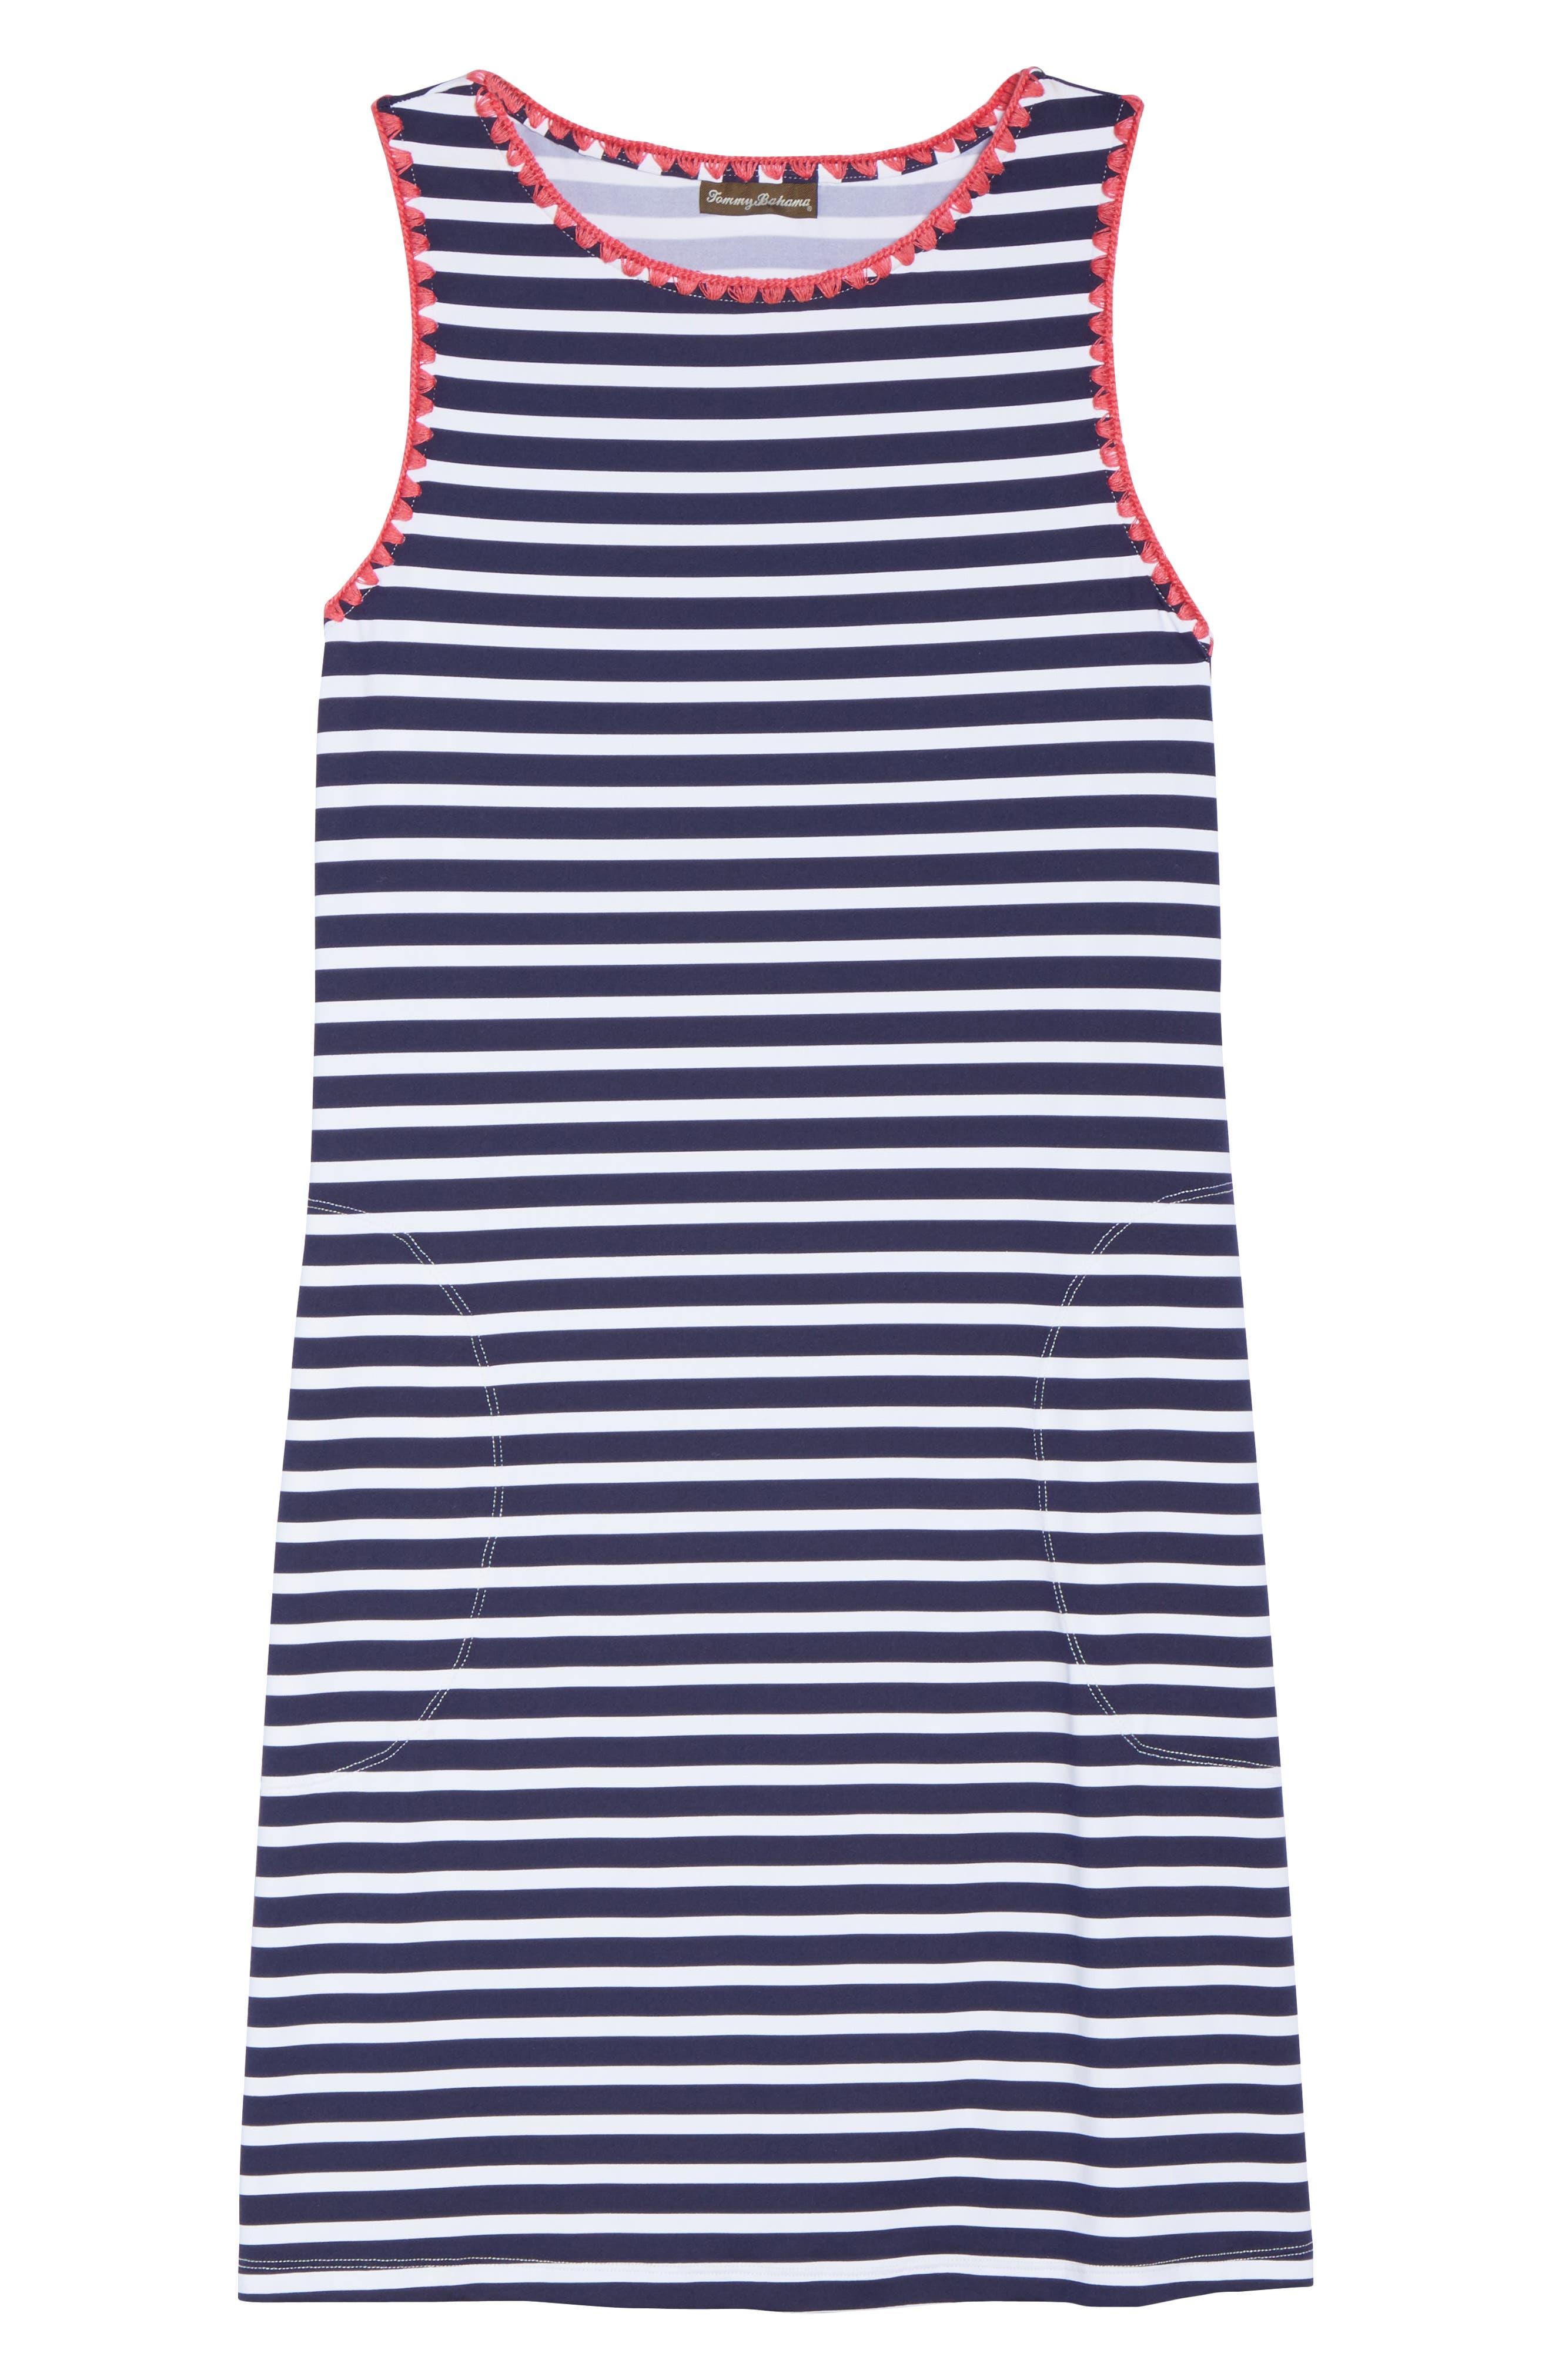 Breton Stripe Cover-Up Dress,                             Alternate thumbnail 6, color,                             MARE NAVY/ WHITE